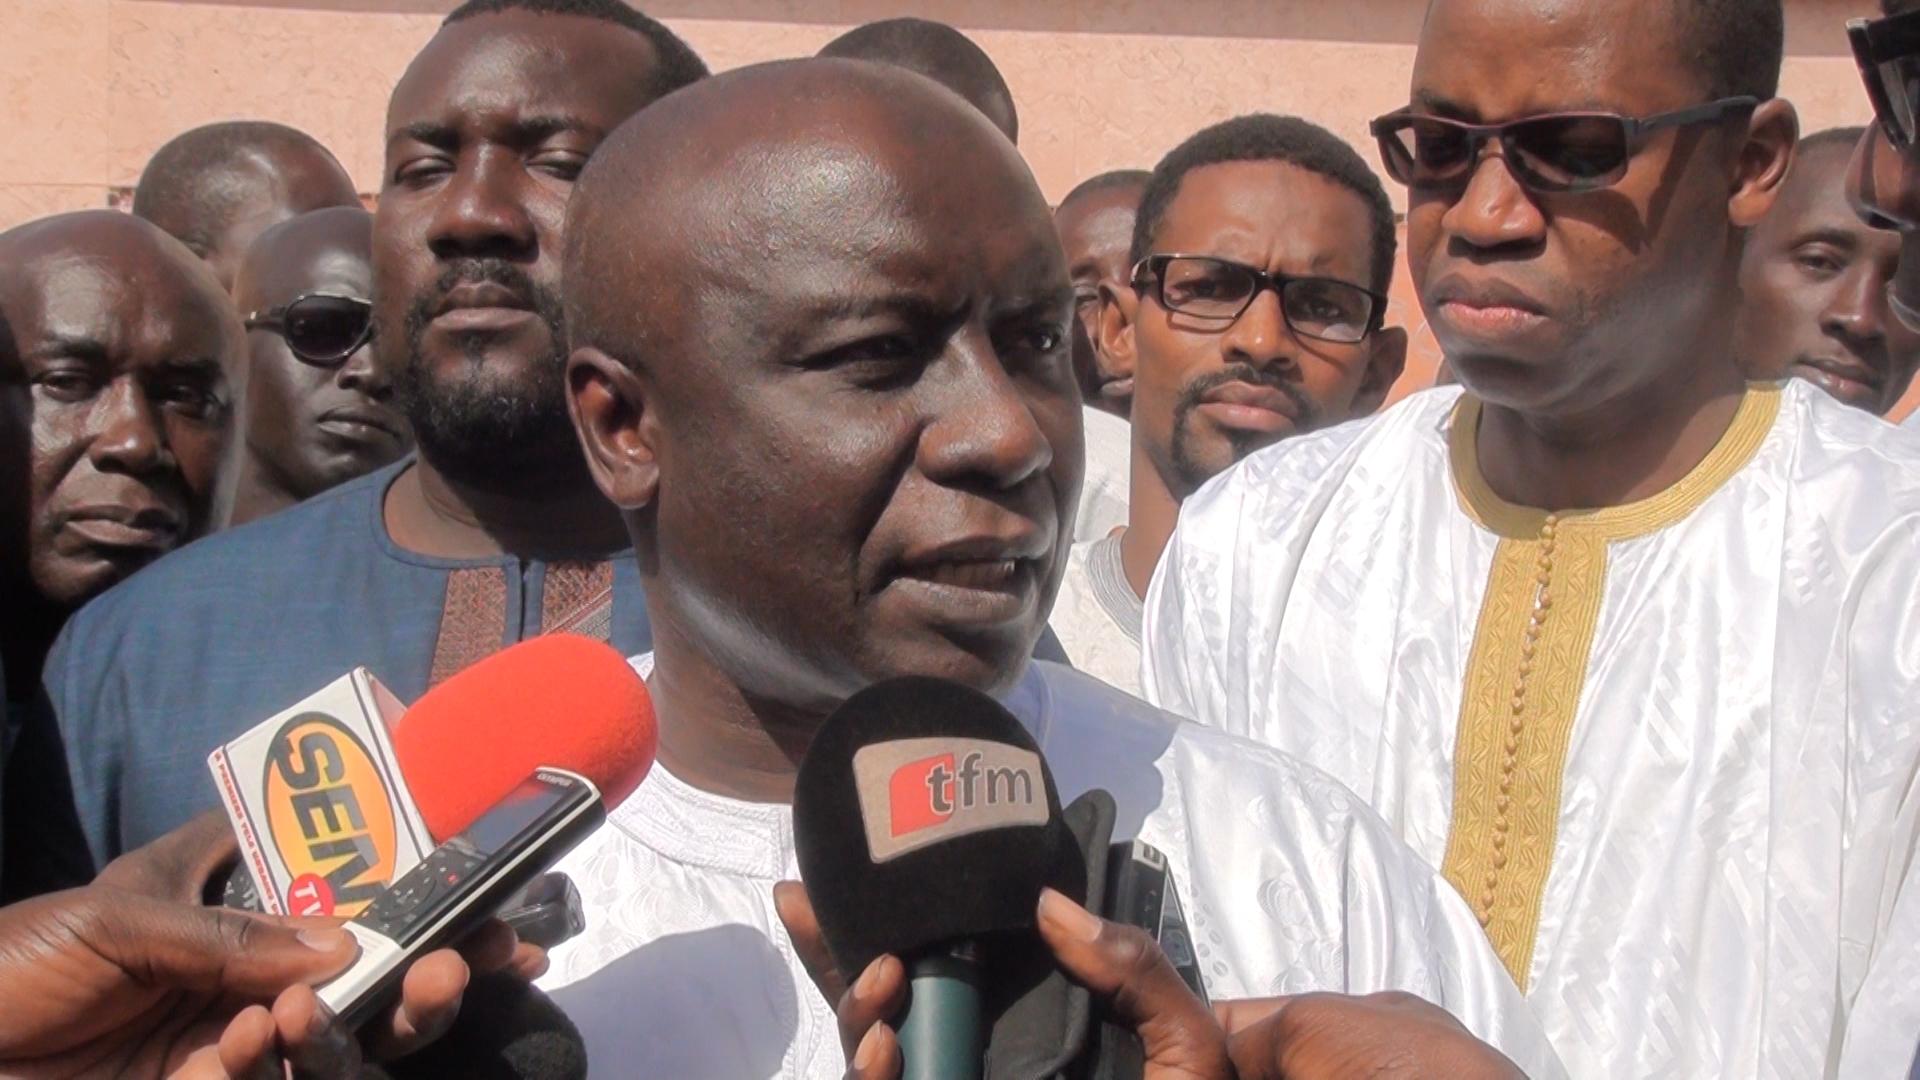 #Scrutin24février2019 : Idrissa Seck appelle les Sénégalais au calme et à la sérénité après son vote